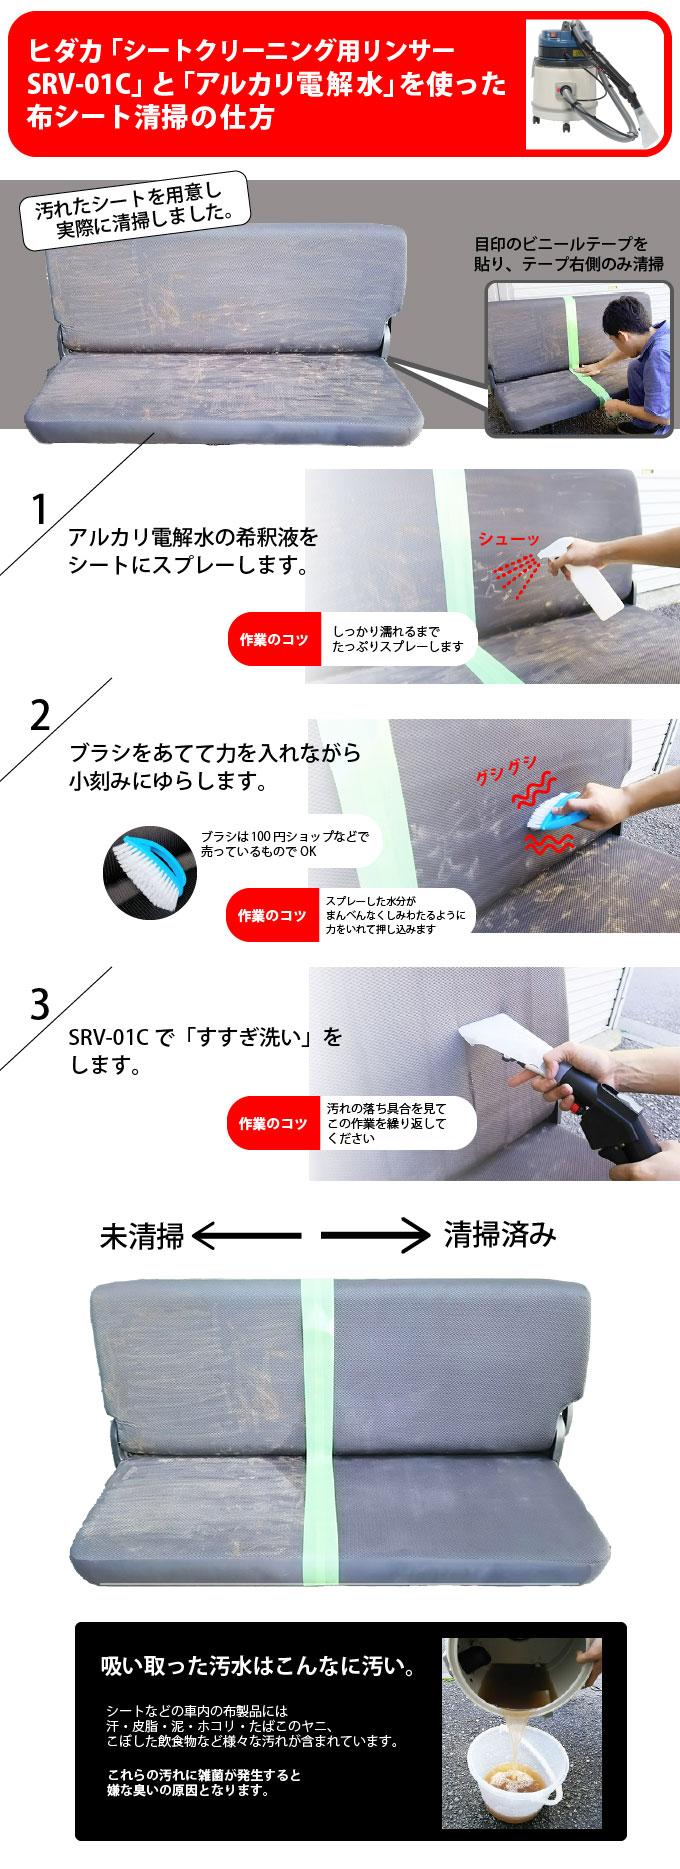 リンサーsrv-01cとアルカリ電解水を使った布シート清掃の仕方